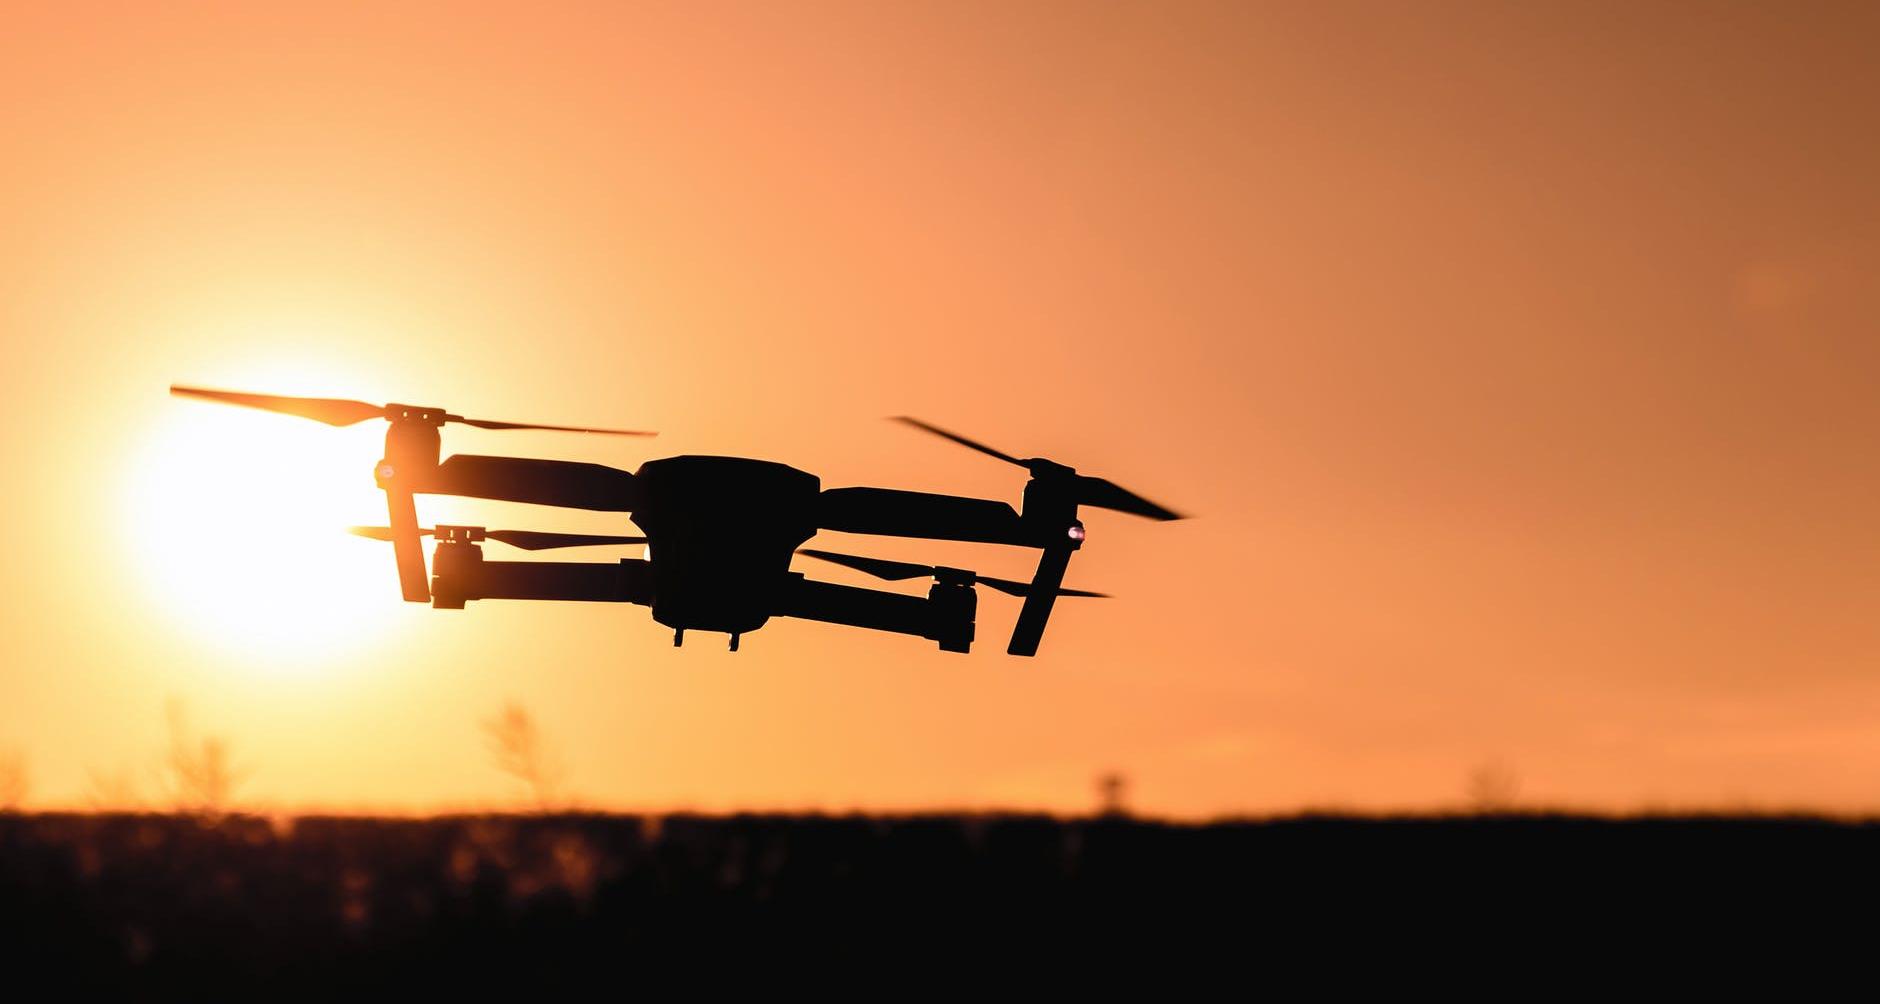 Large quadcopter VS small quadcopter